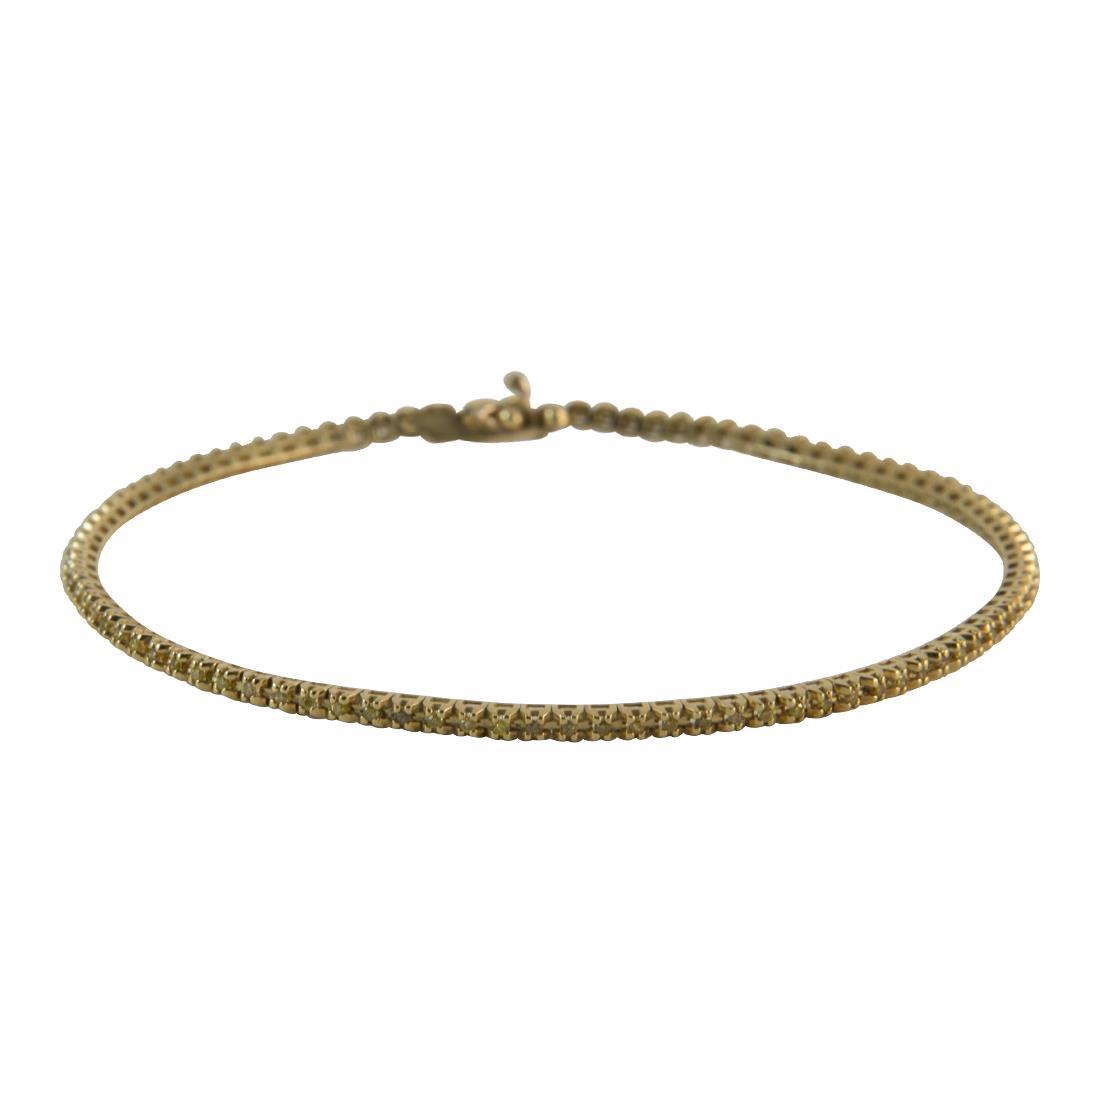 Bracciale  in oro giallo con diamanti gialli ct 0.50 - ALFIERI ST JOHN